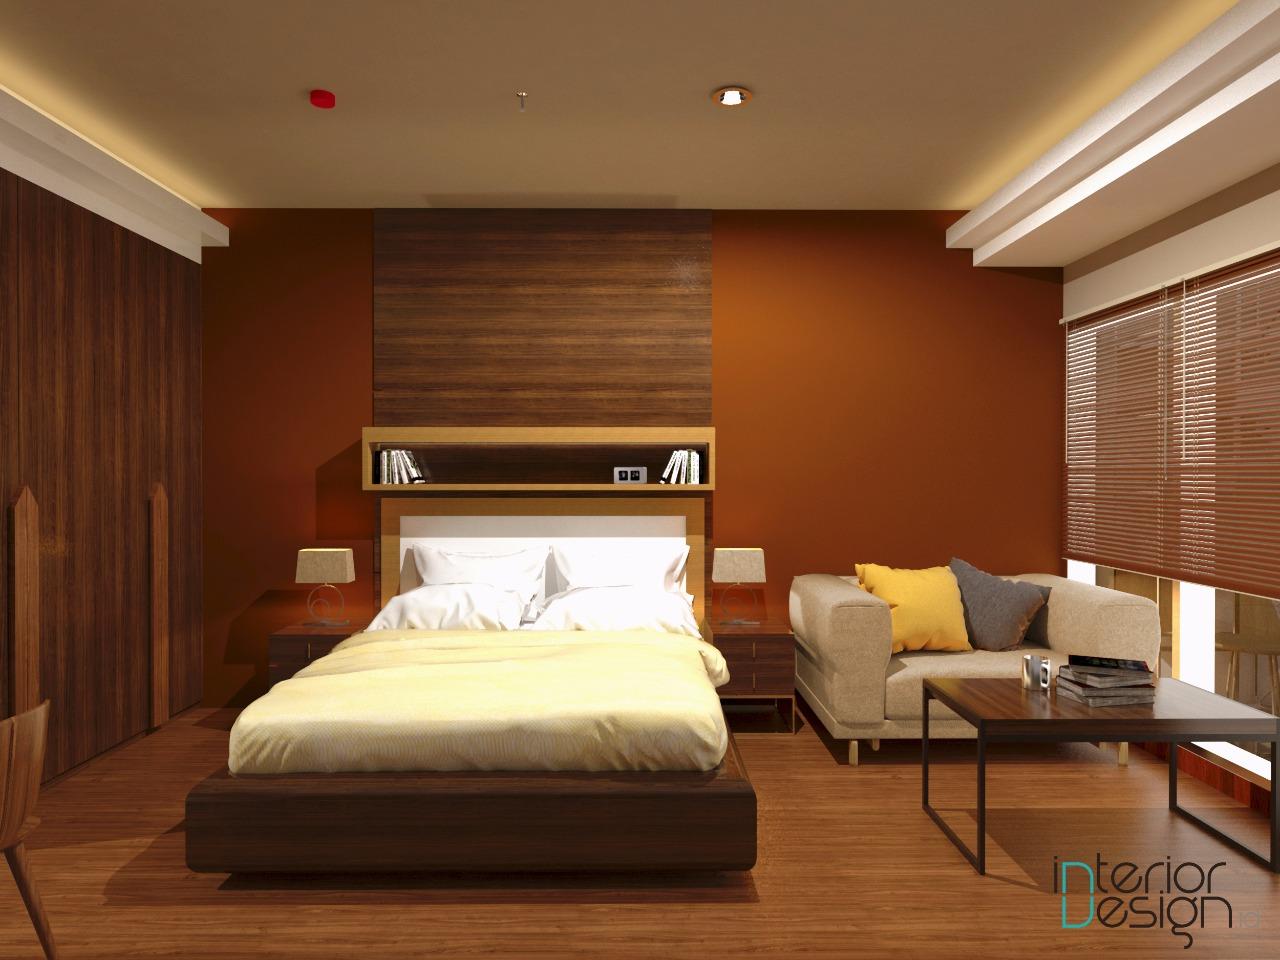 fungsi dan pengaruh warna pada interior